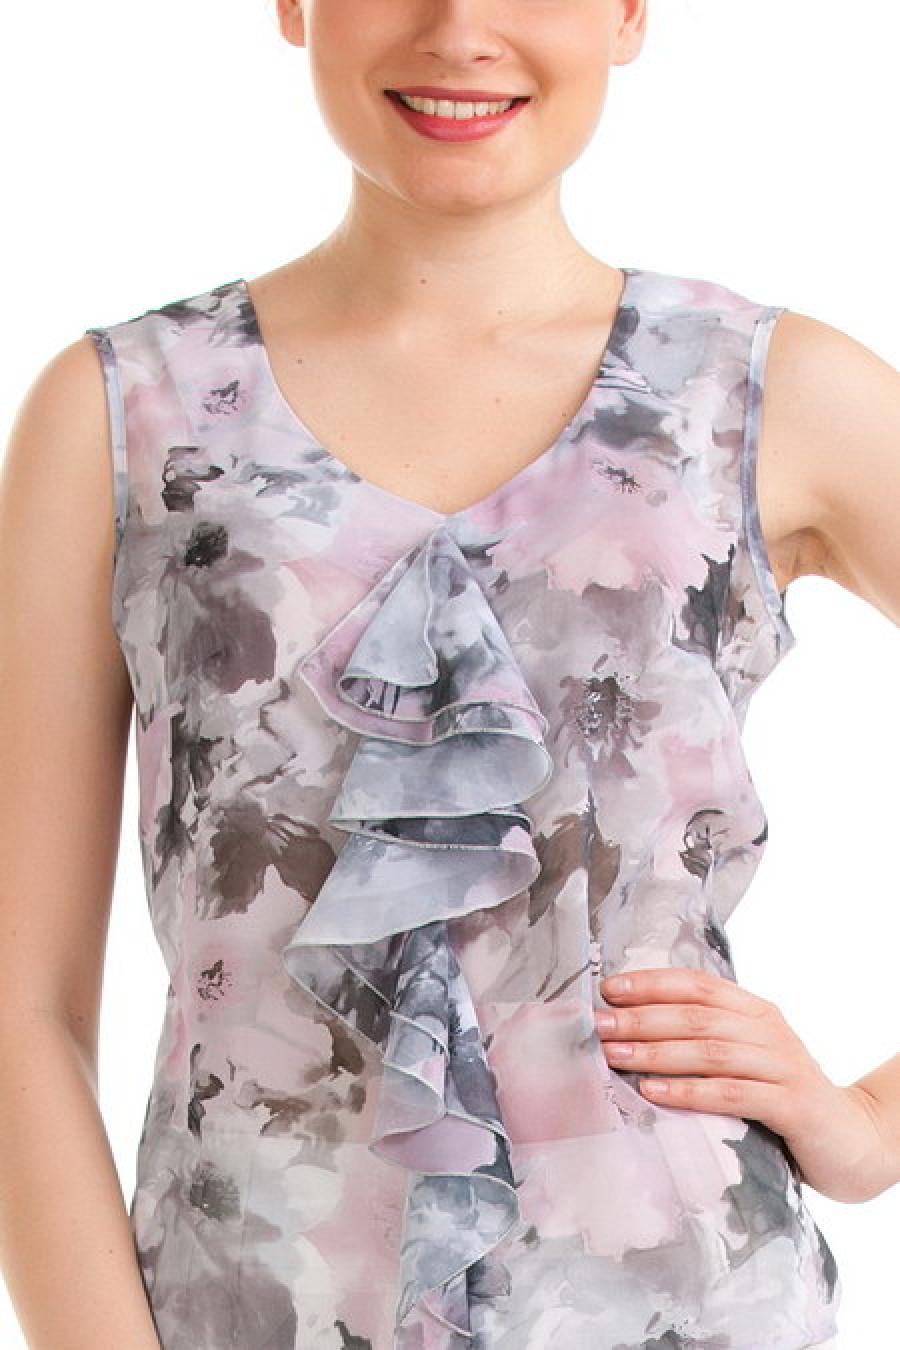 Дешевая Одежда Наложенным Платежом Доставка